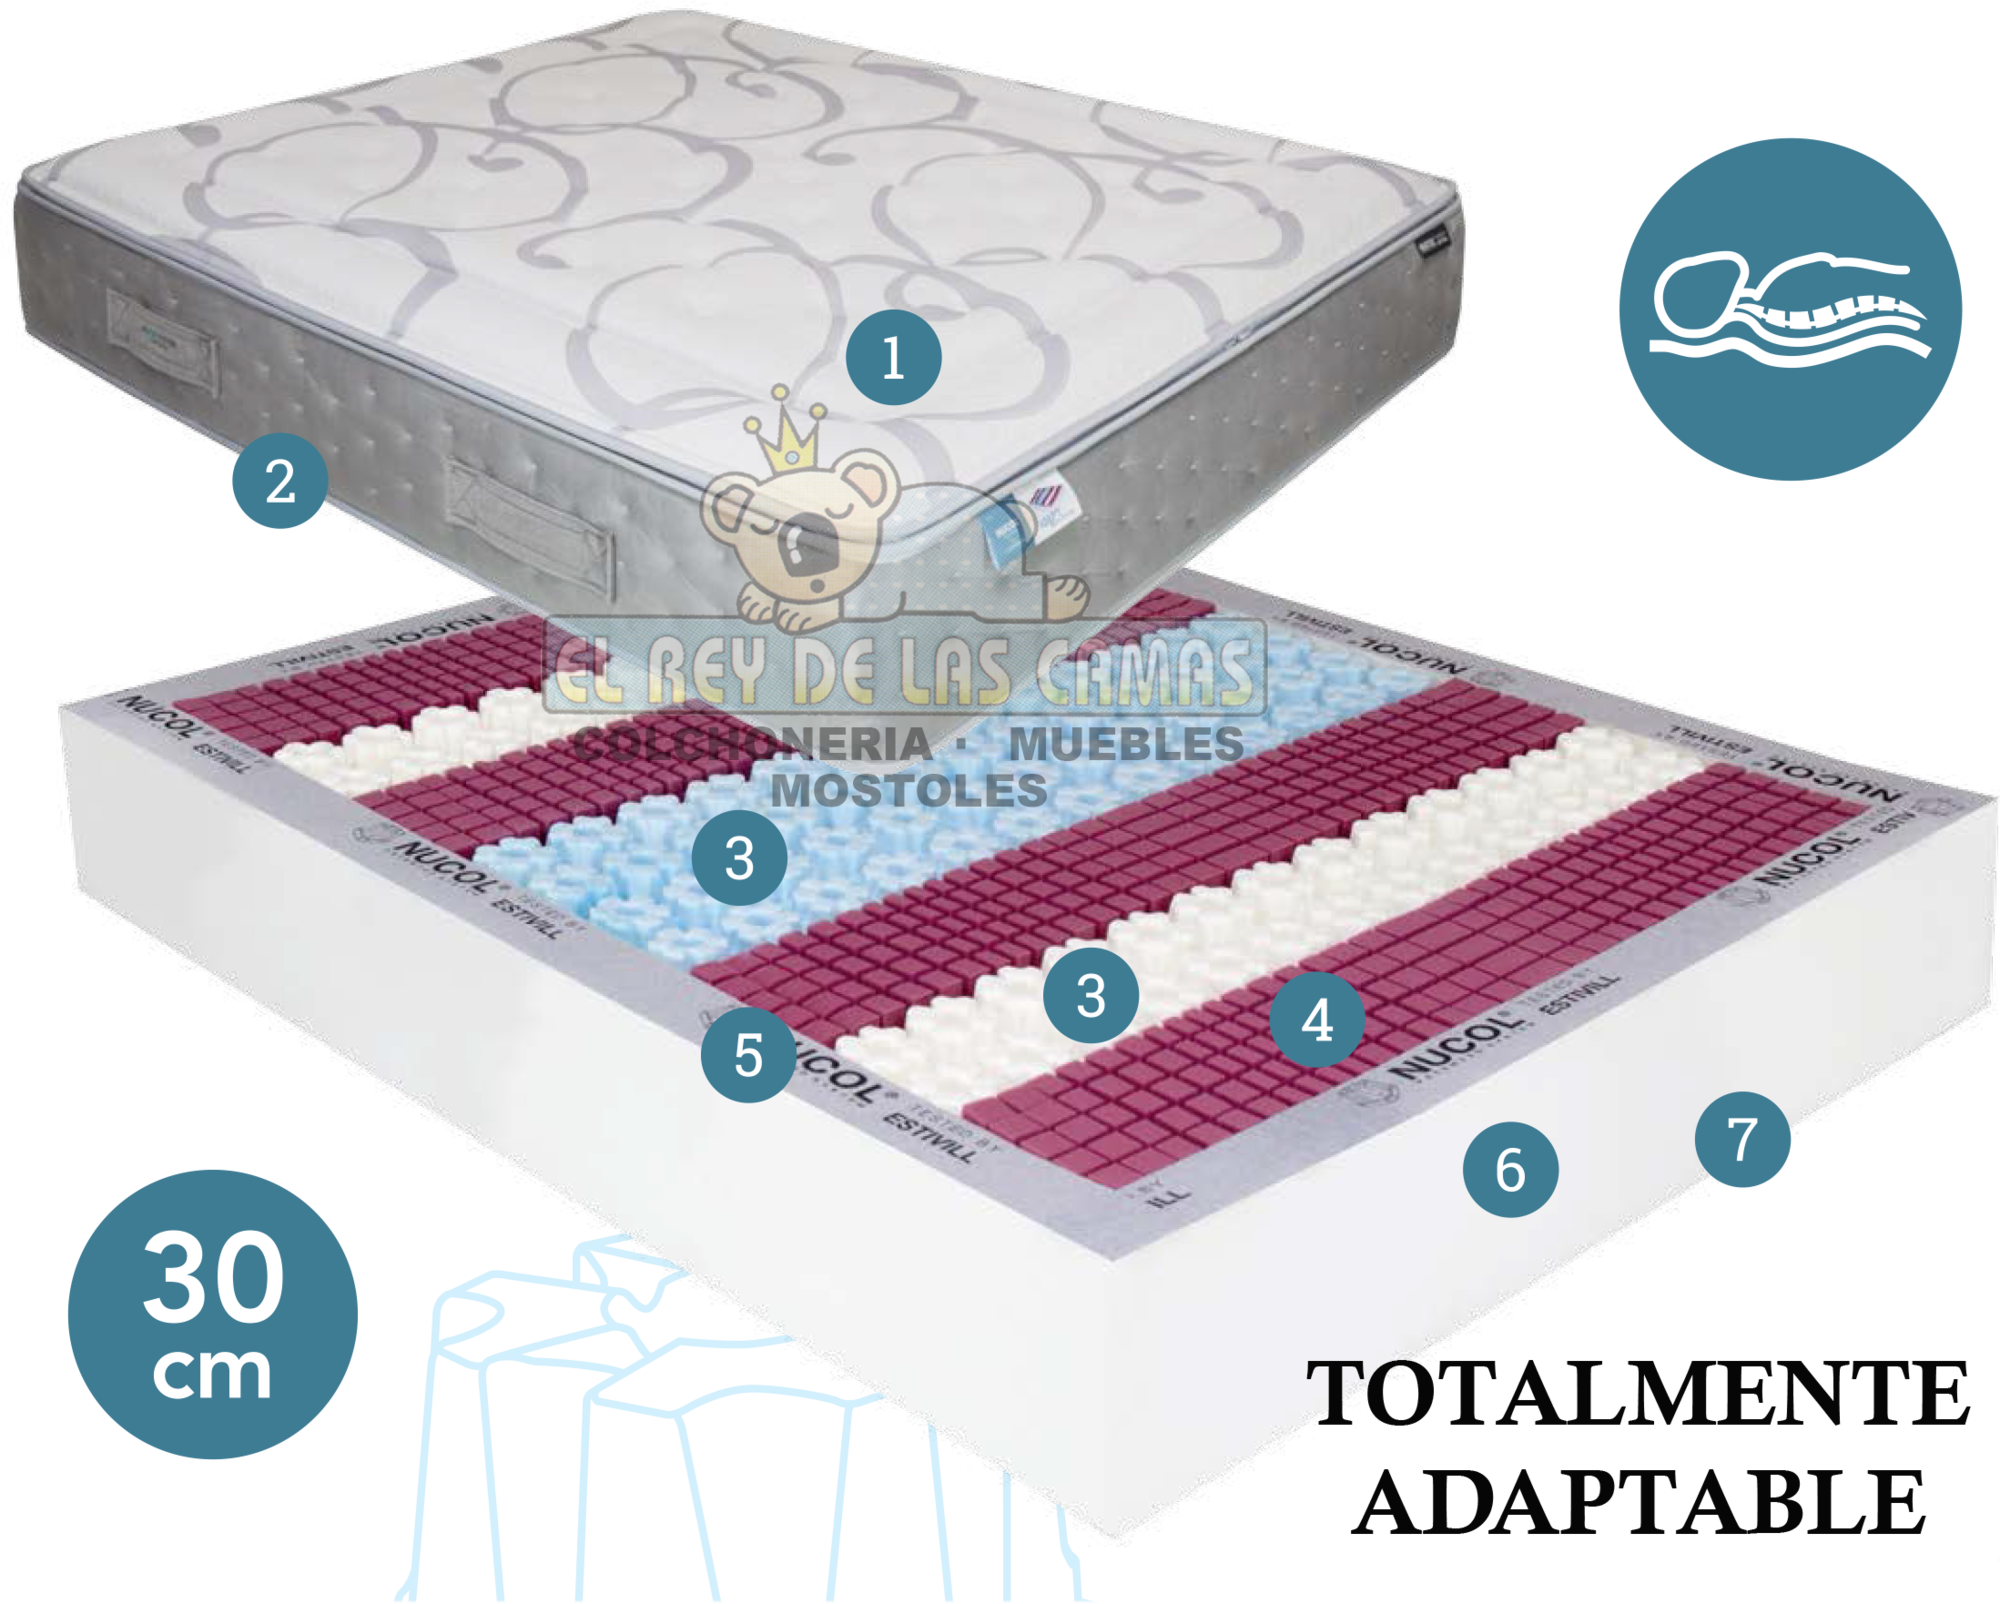 Colchon Modelo Adapt   El Rey de las Camas   Colchonería - Muebles